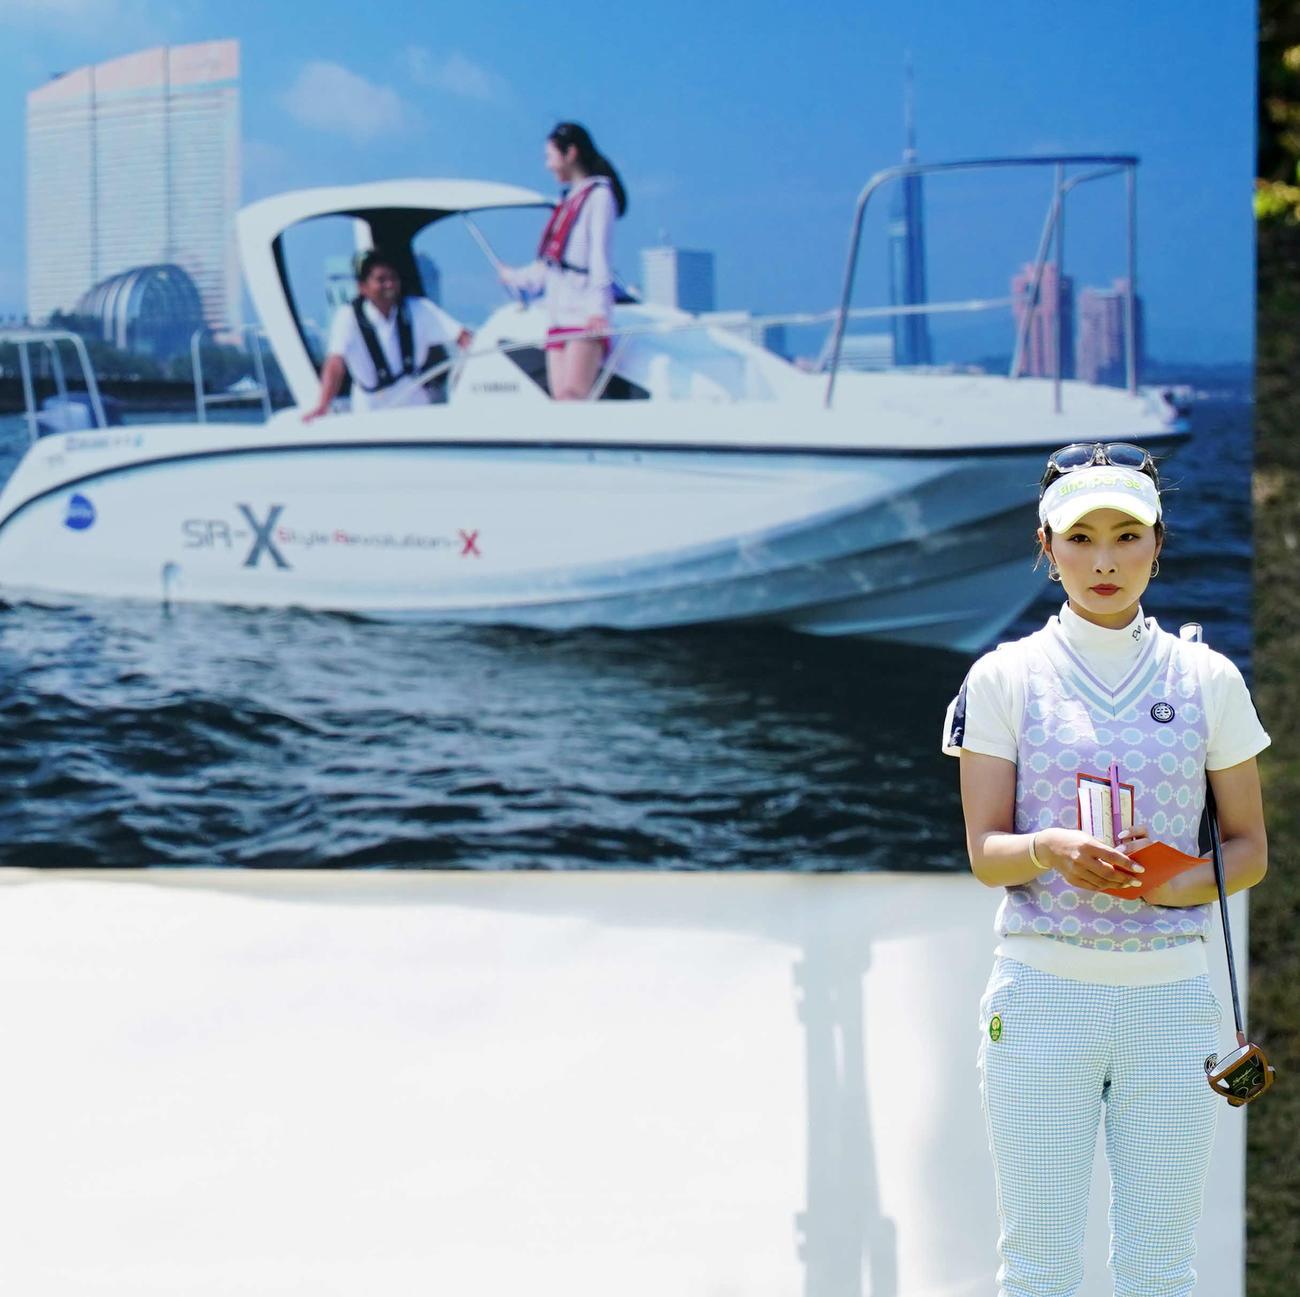 18番、優勝副賞のクルーザーボートの写真ボードを背にプレーする鶴岡(撮影・江口和貴)